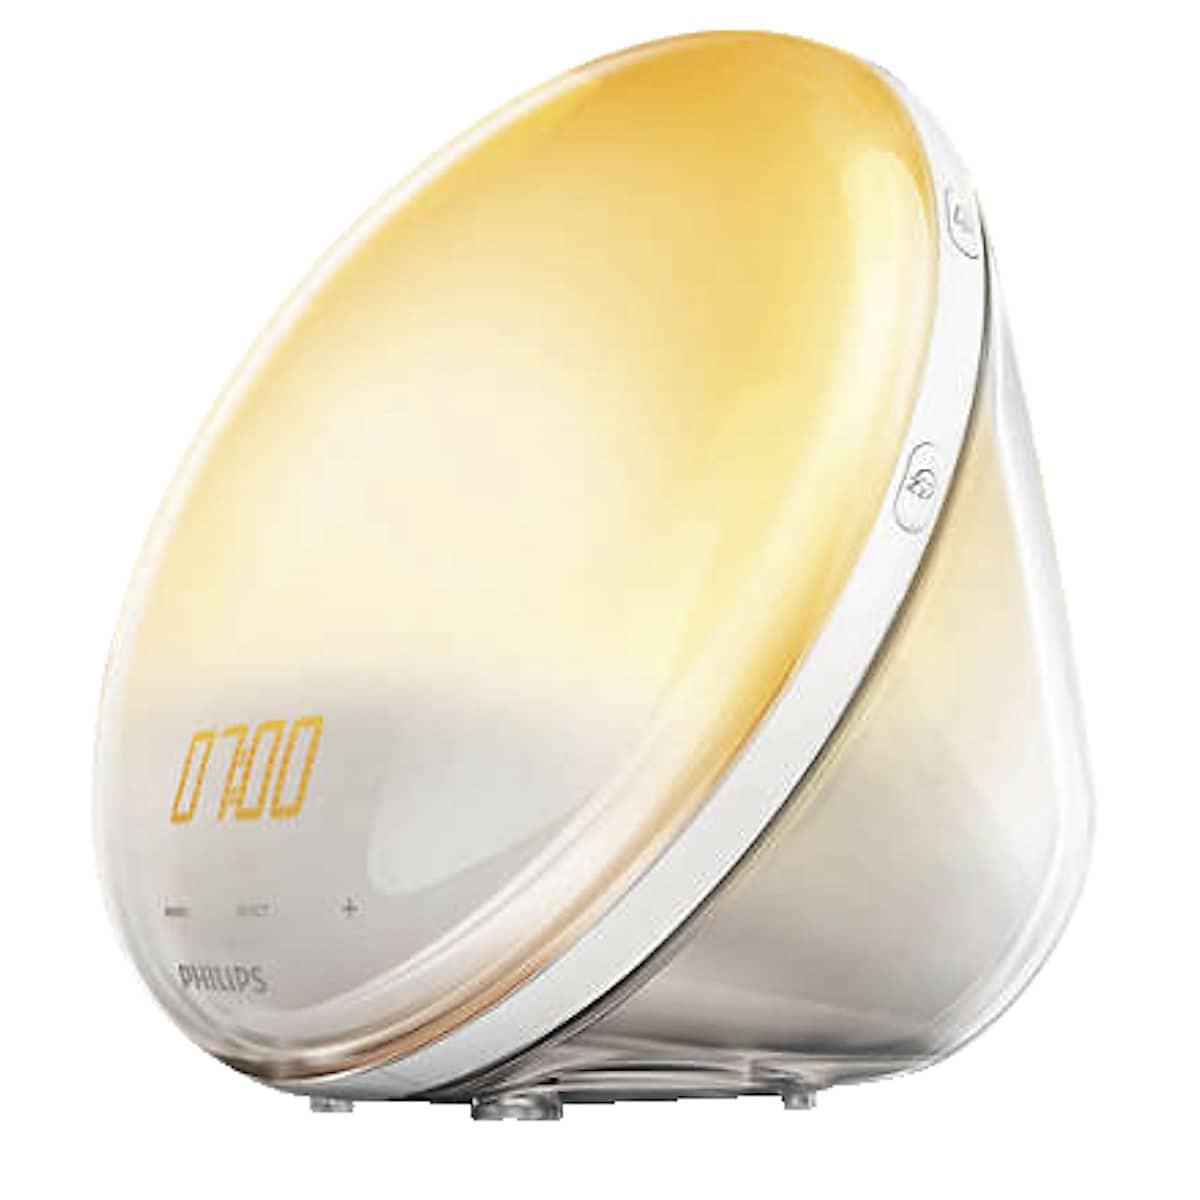 Philips HF3531 Wake-Up Light